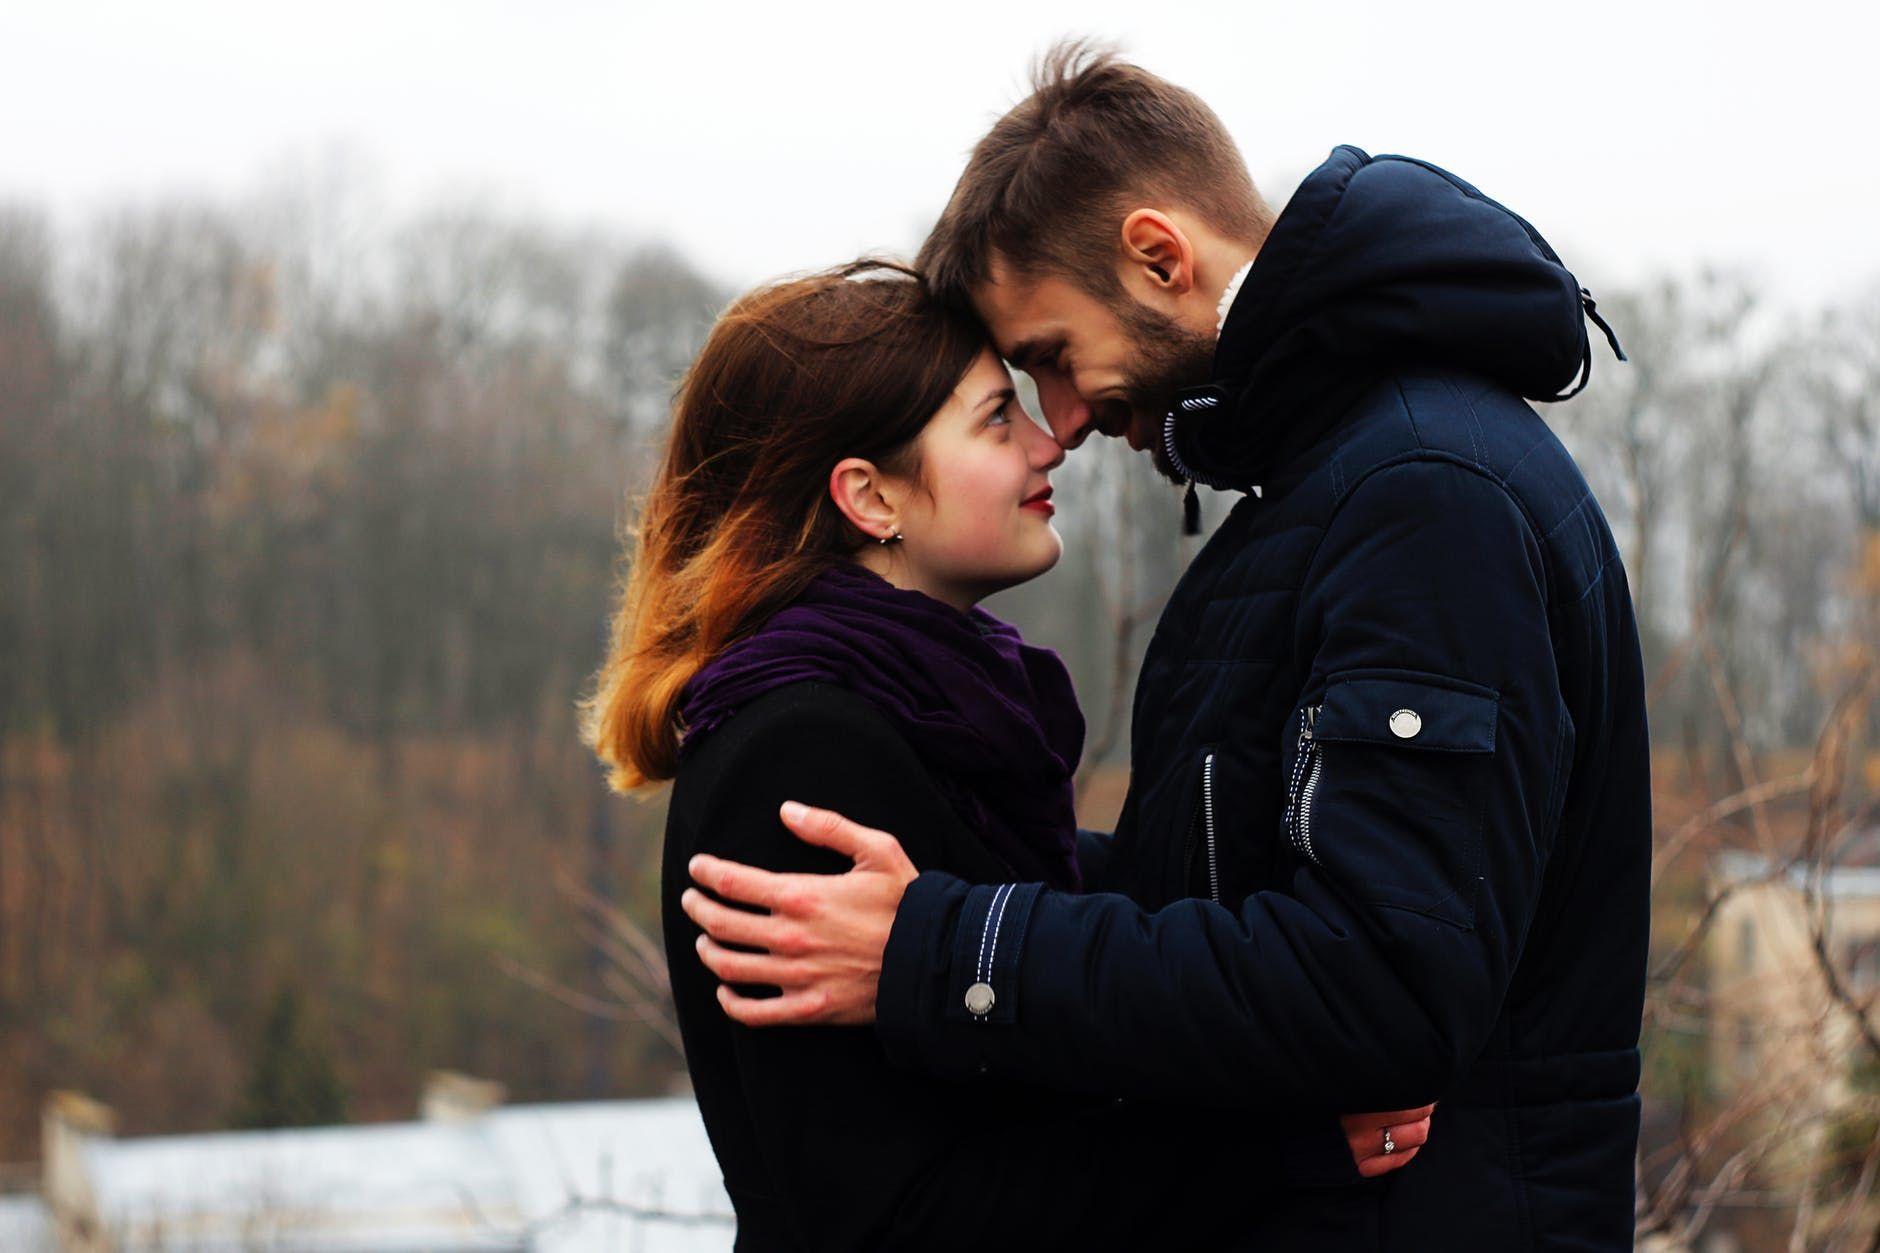 Ramalan Cinta Shio Ayam Tahun 2020, Perlu Waktu Temukan Kekasih